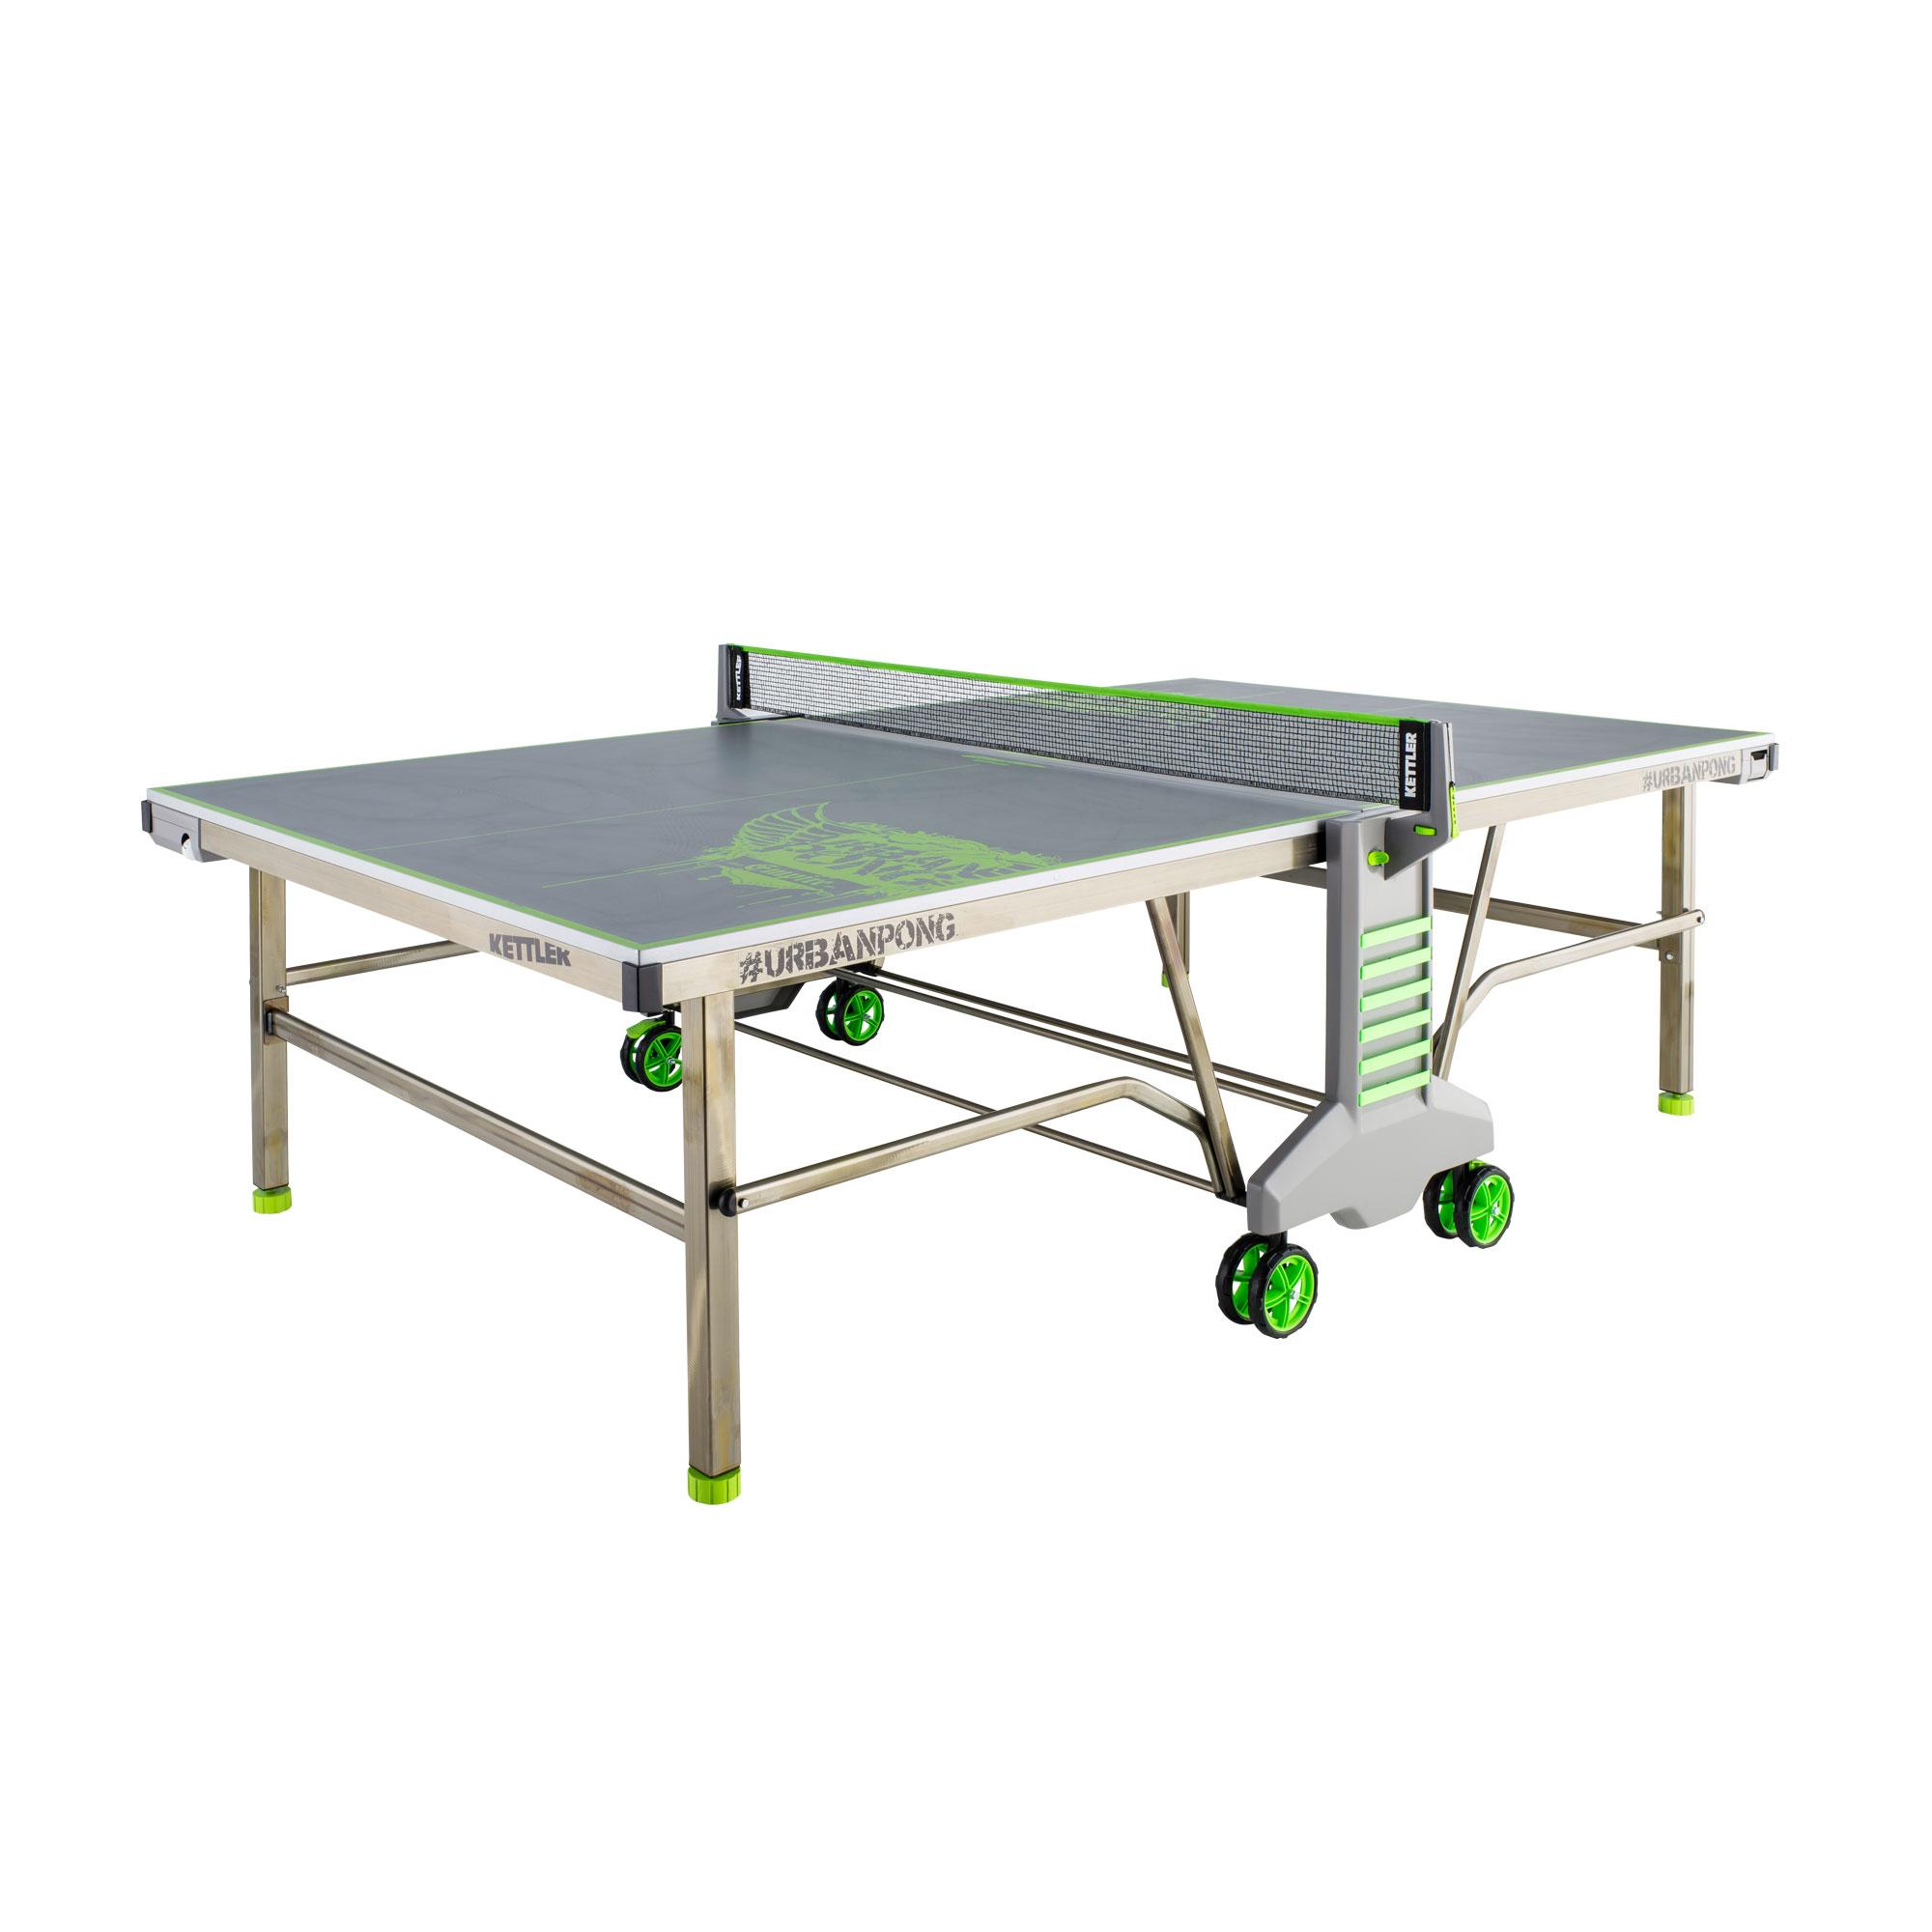 Pingpongový stůl venkovní KETTLER URBAN PONG + rozšířená záruka 60 měsíců ZDARMA